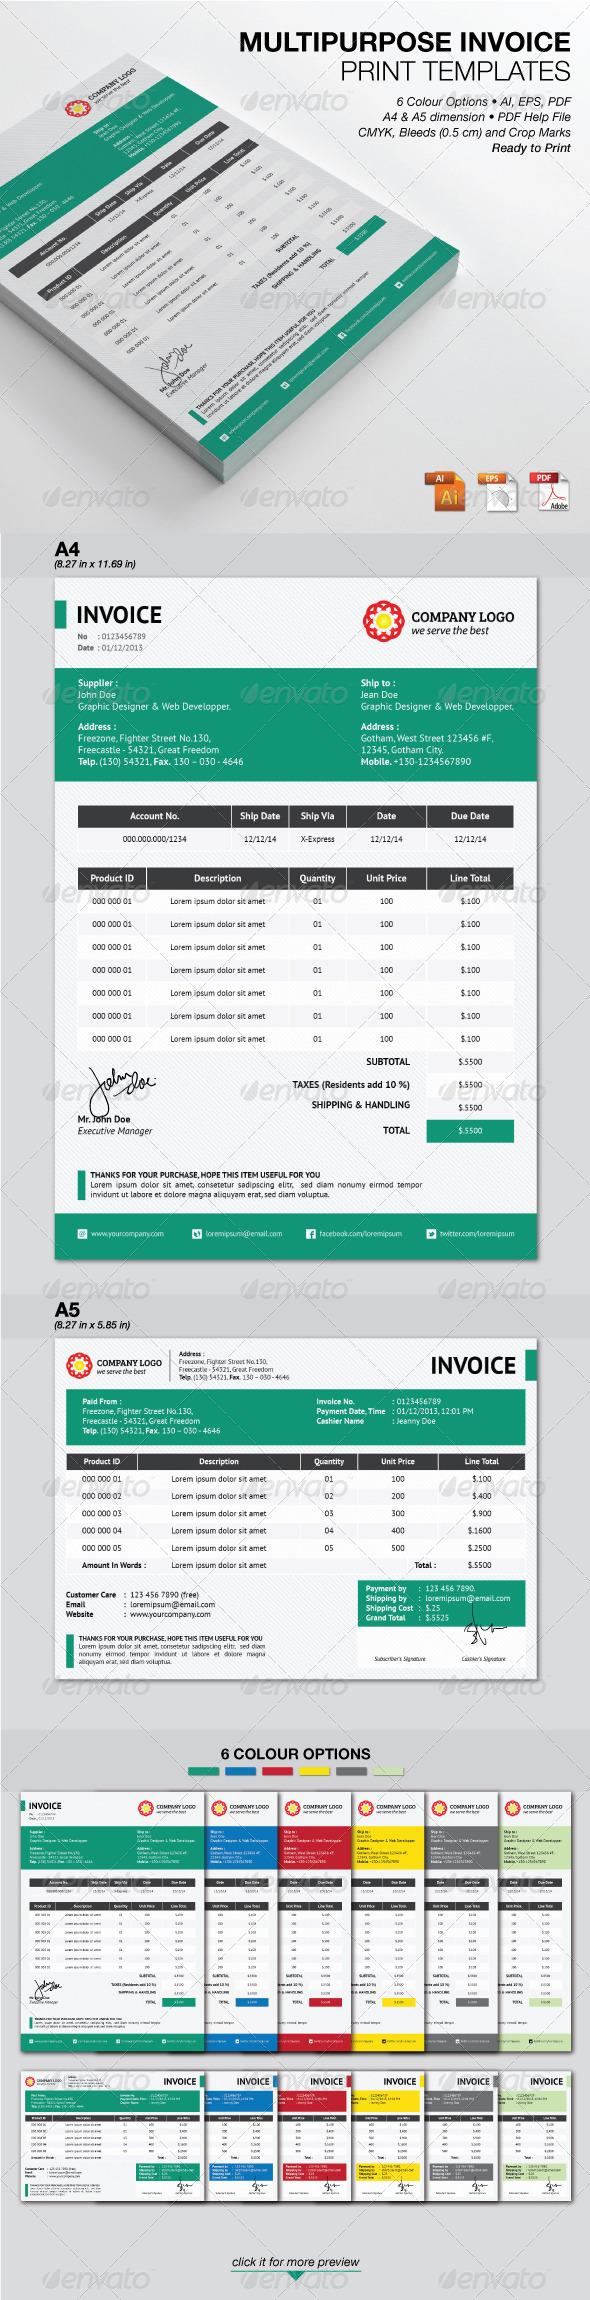 GraphicRiver Multipurpose Invoice Print Templates 4599186